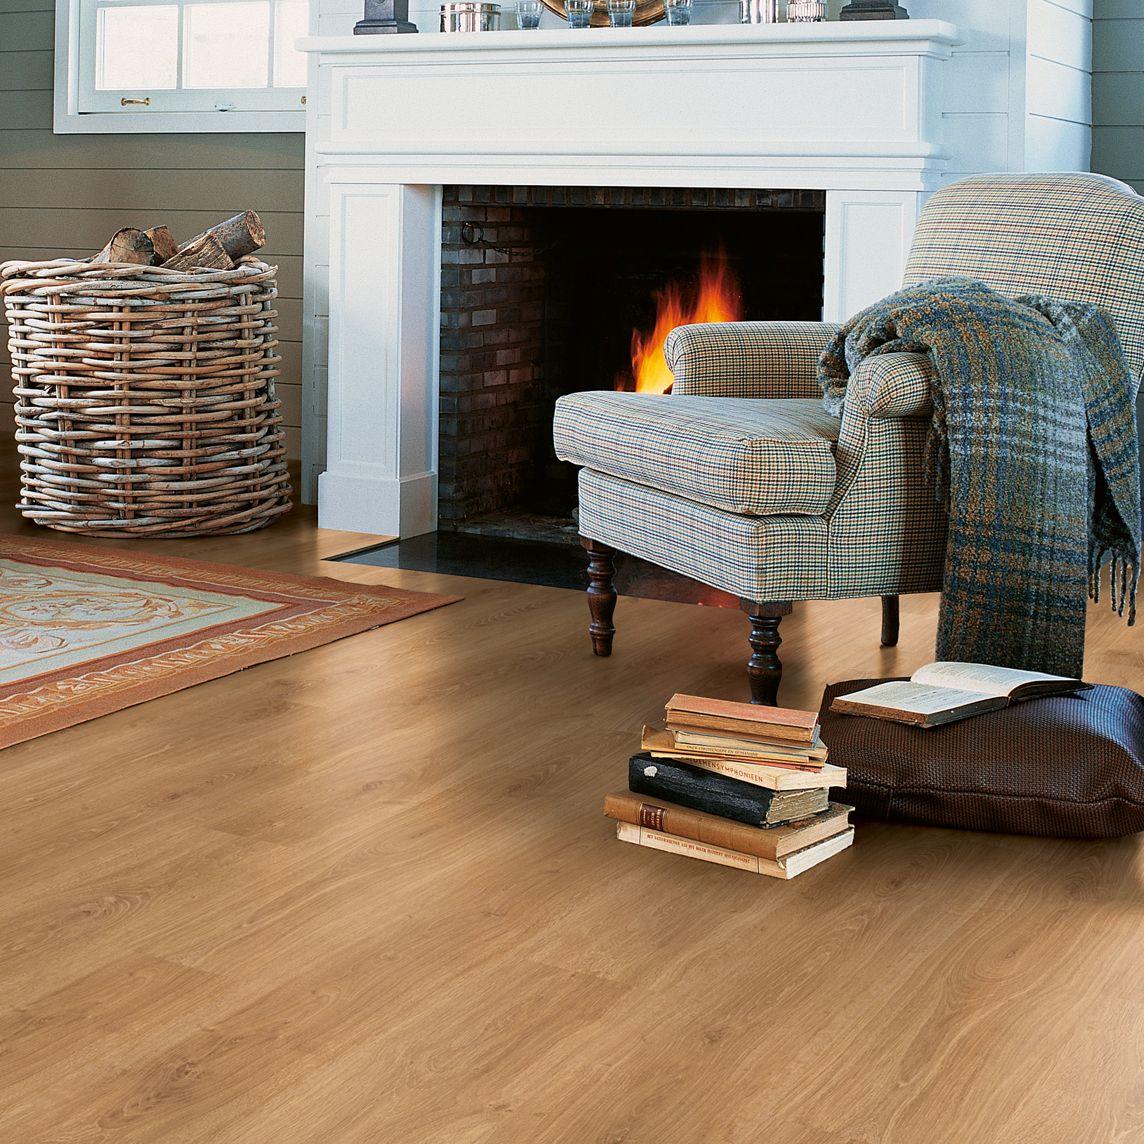 Calando Authentic Oak Effect Laminate Flooring 1 59 M² Pack Departments Diy At B Q